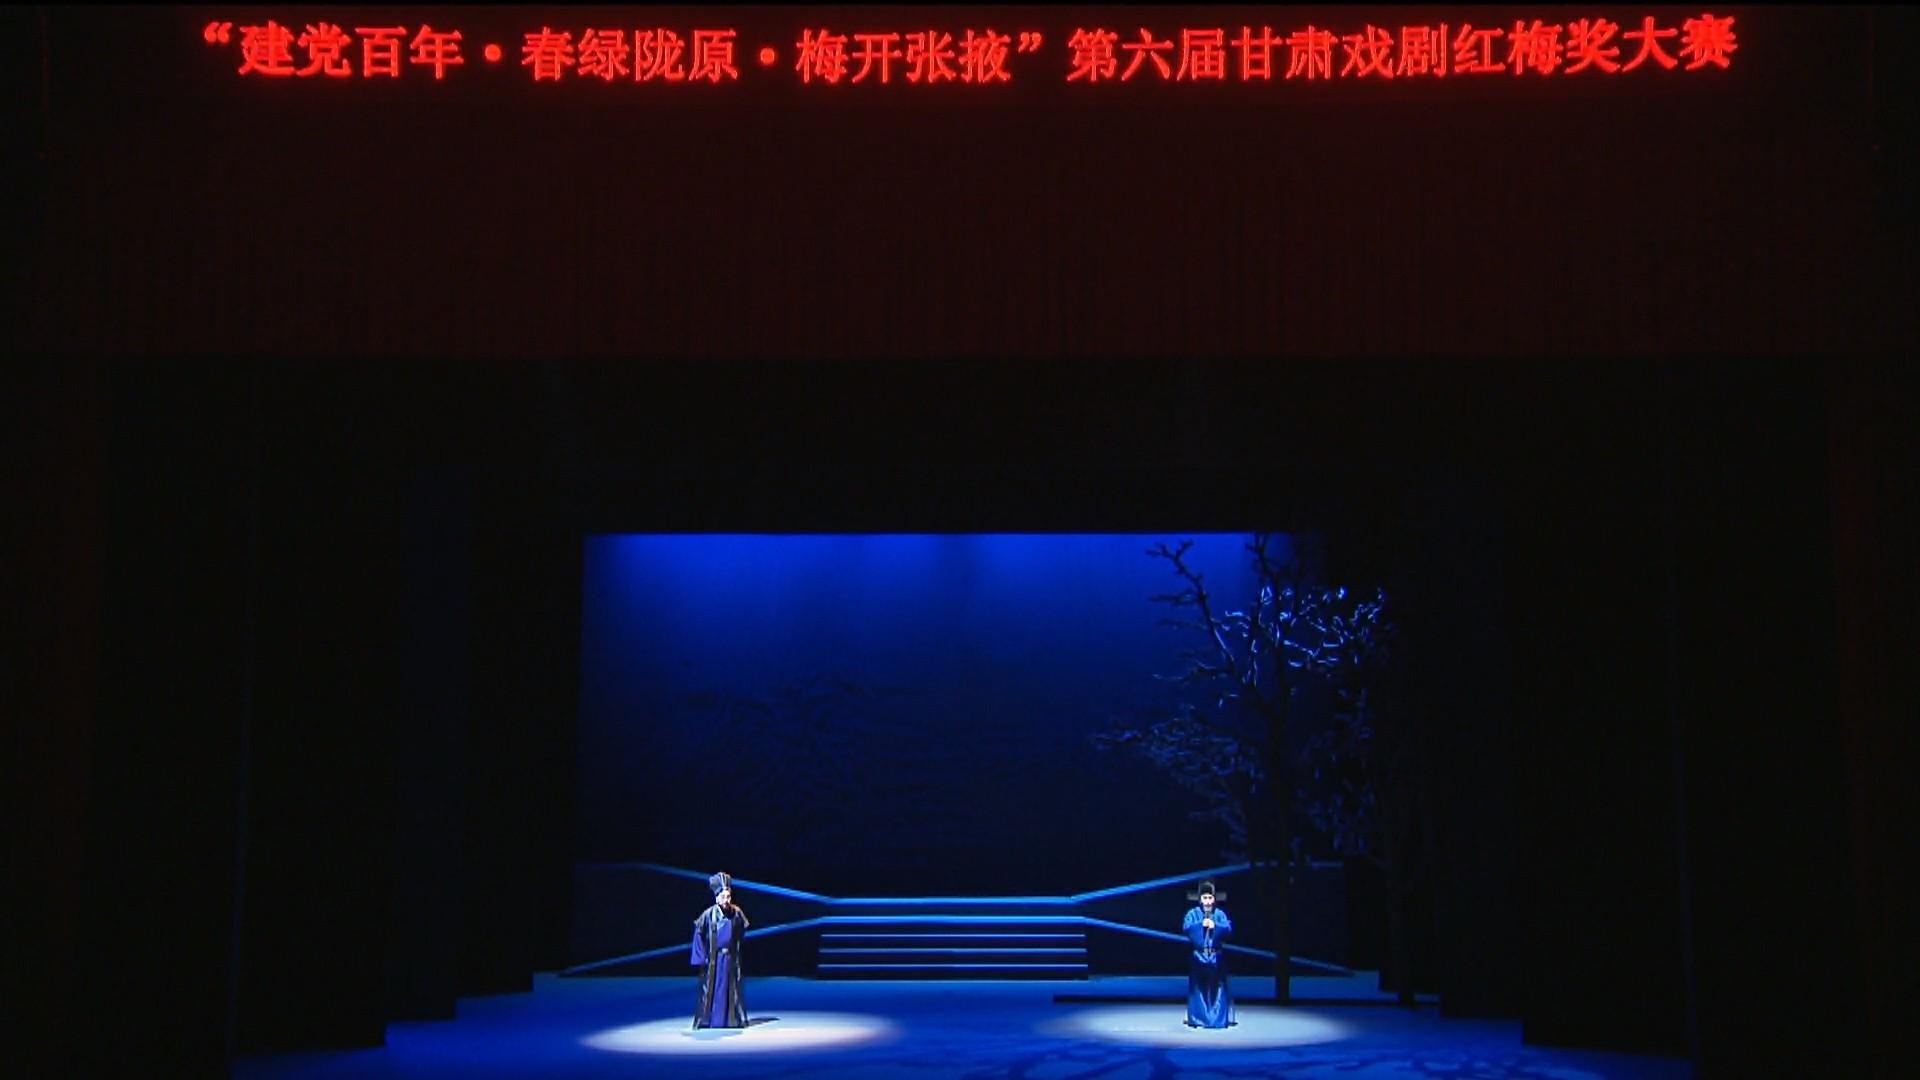 《杨椒山》——杨继盛被贬来狄道